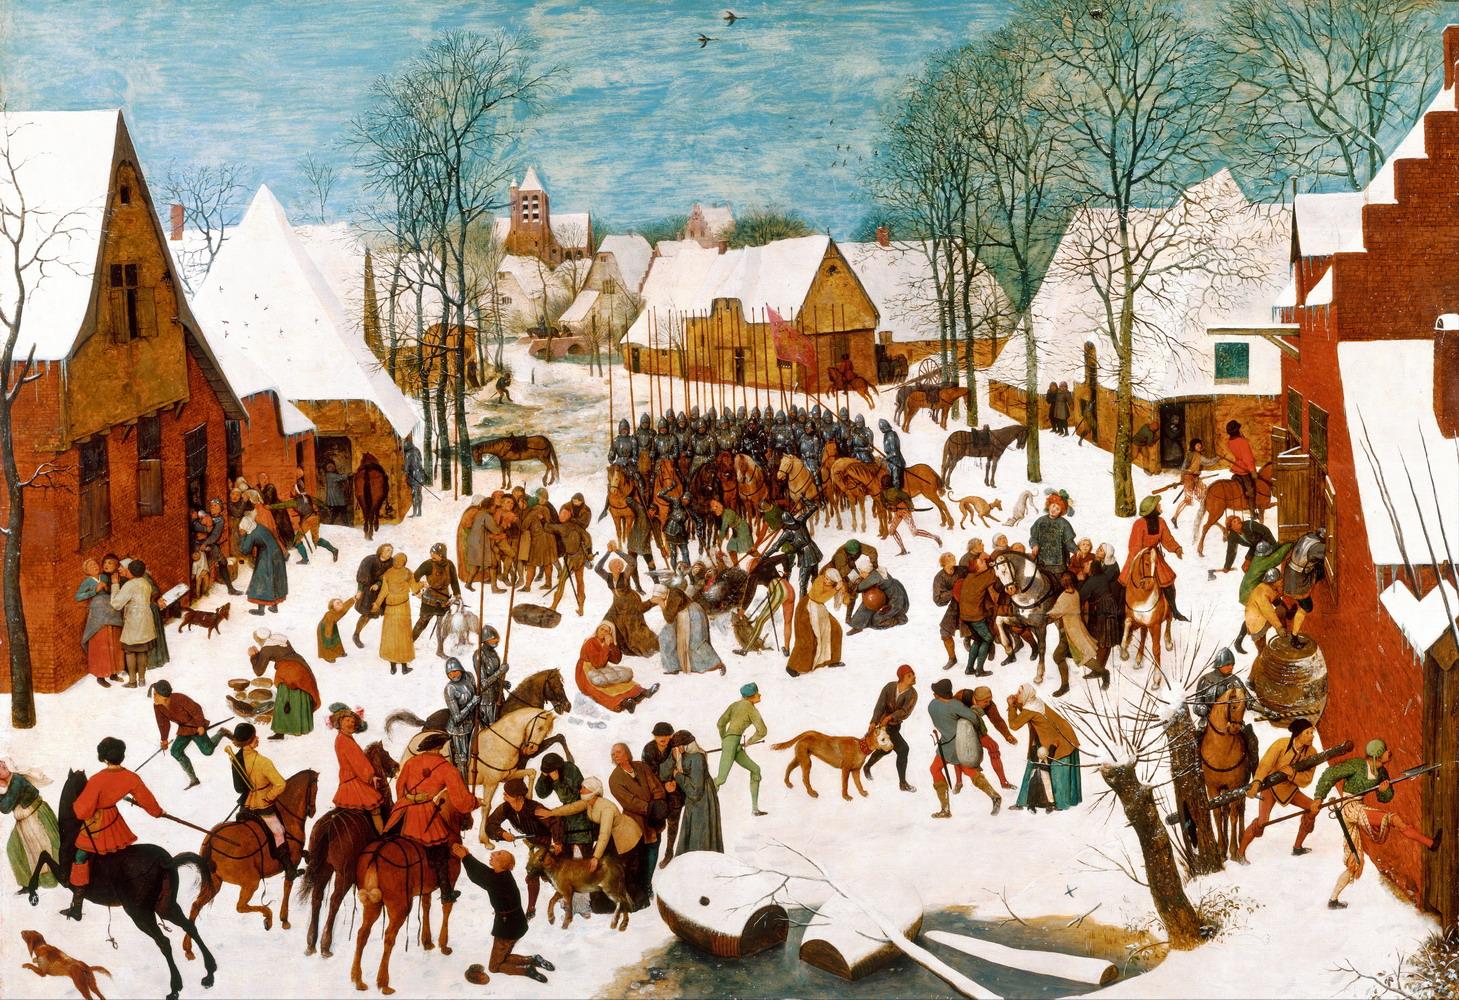 01_Питер Брейгель-старший. Избиение младенцев. около 1565-1567 гг.